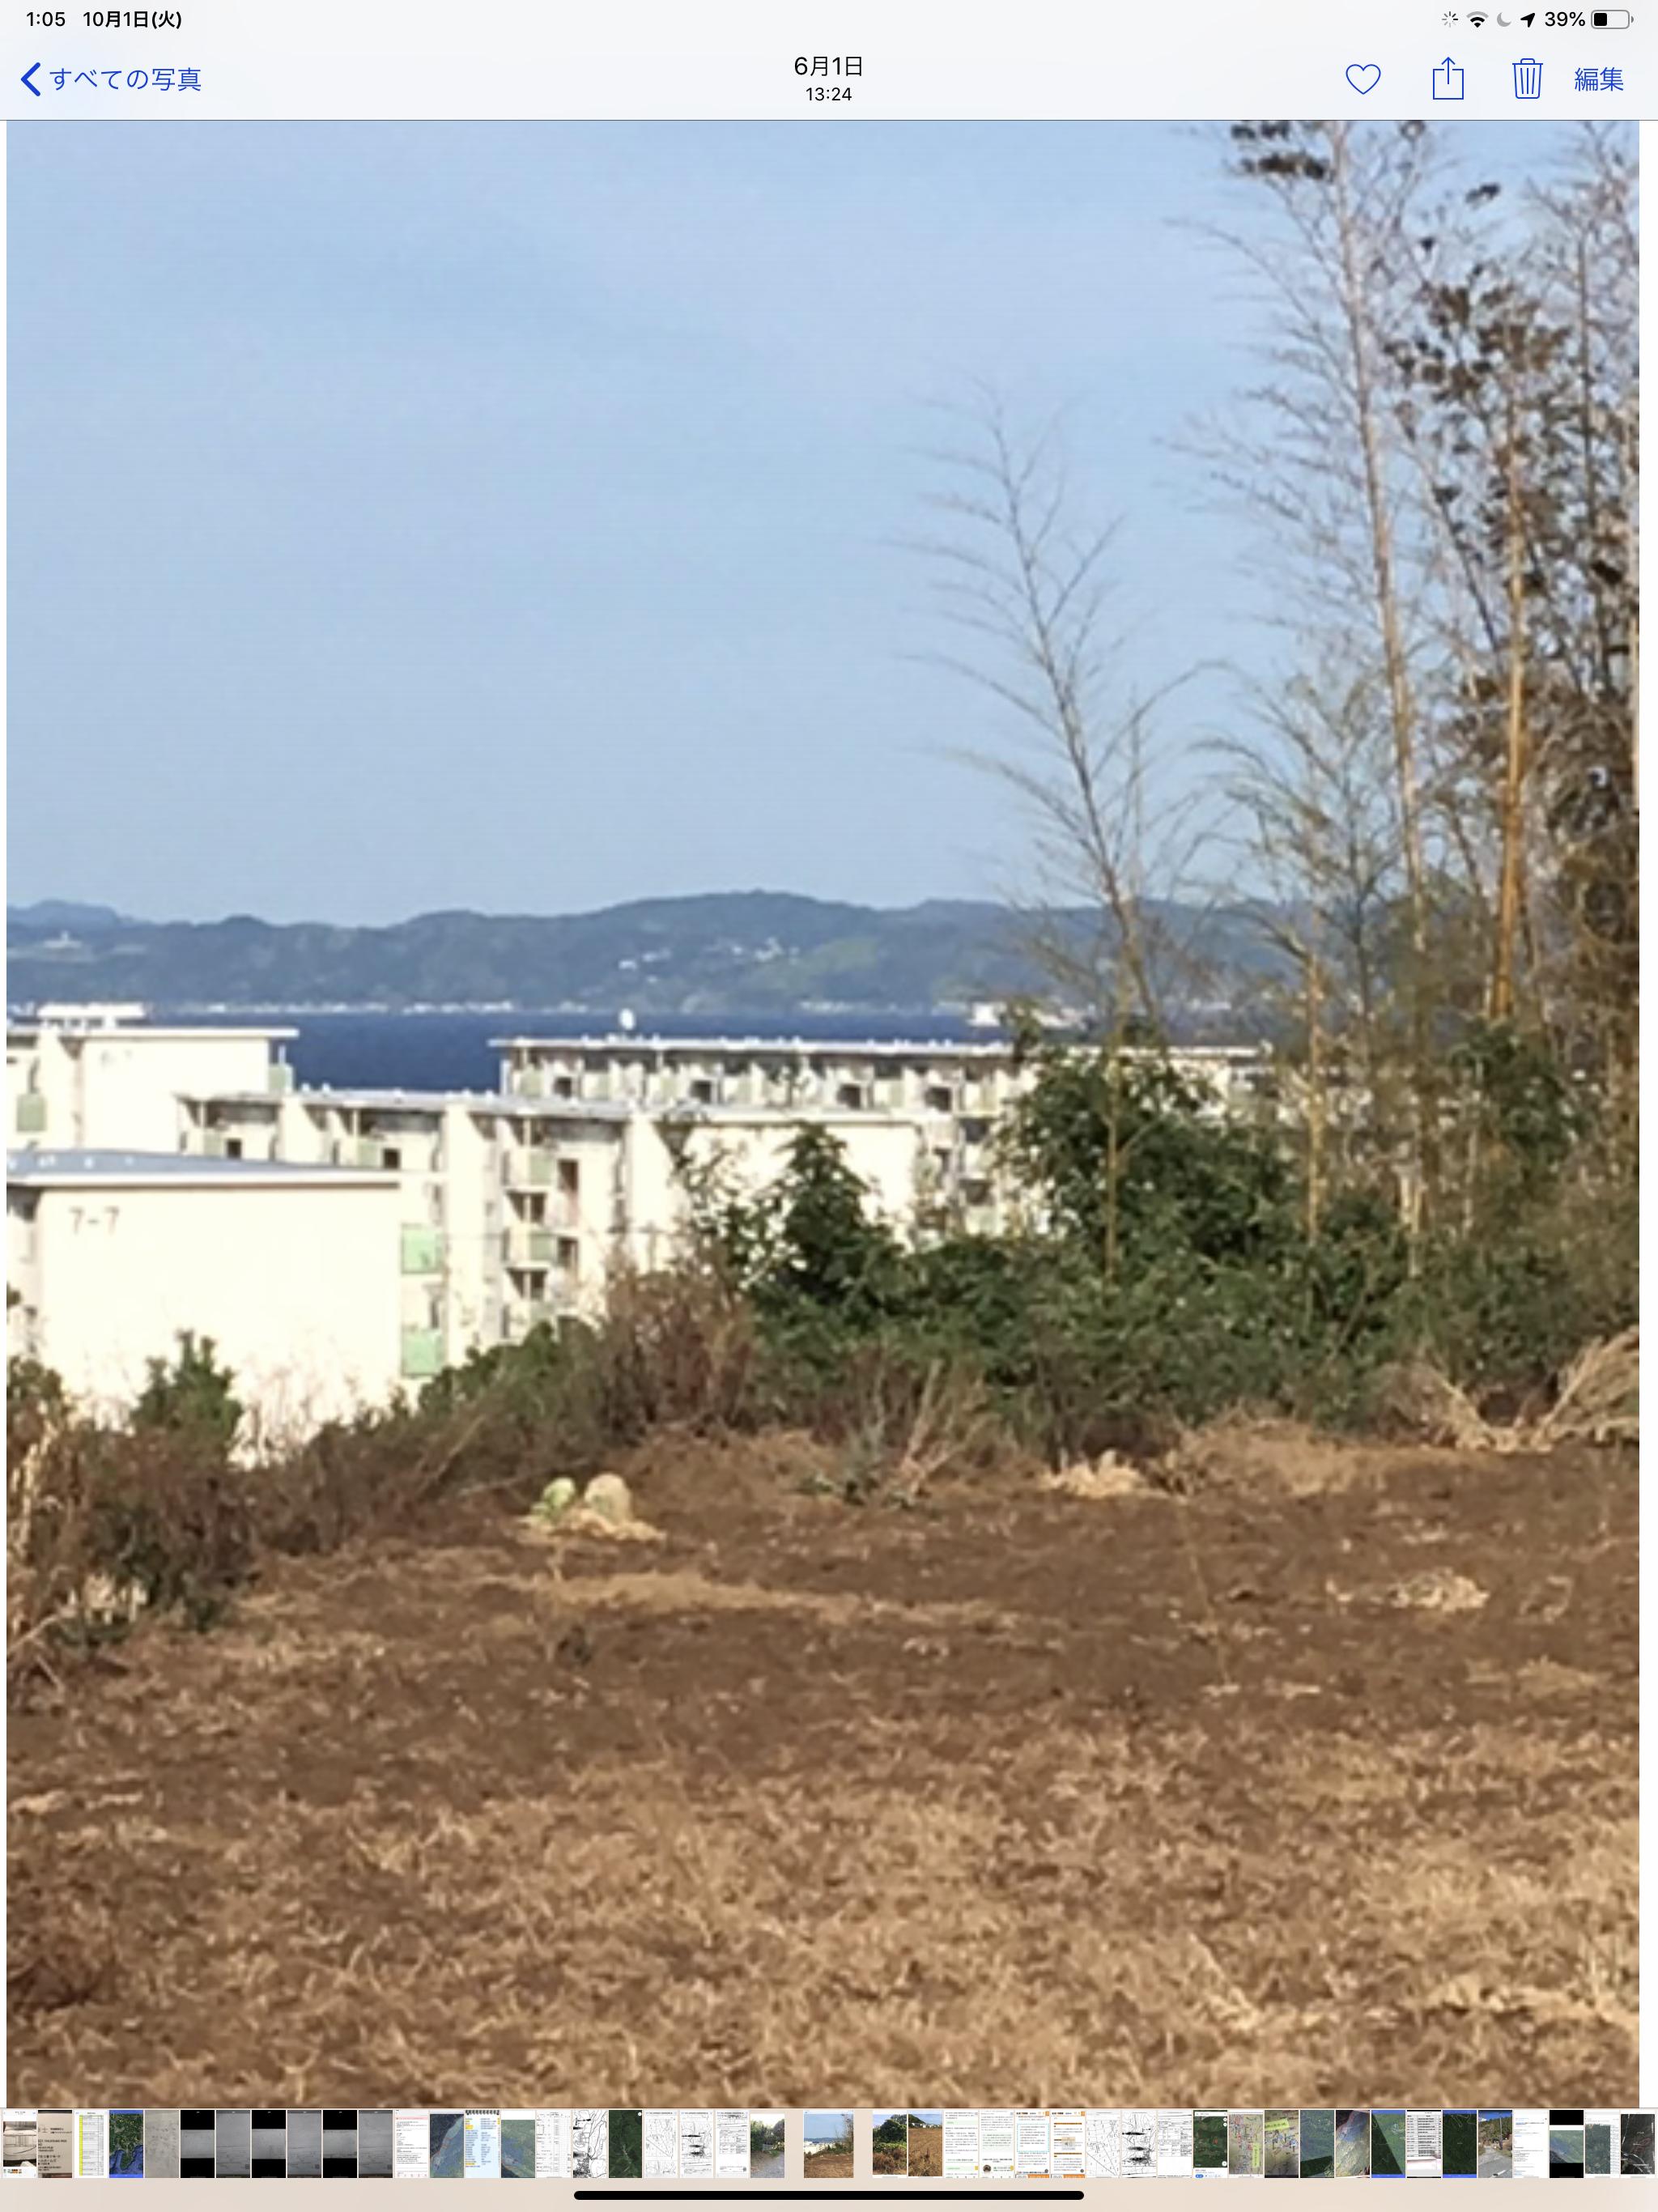 神奈川県横須賀市津久井3丁目にある90坪の土地です。